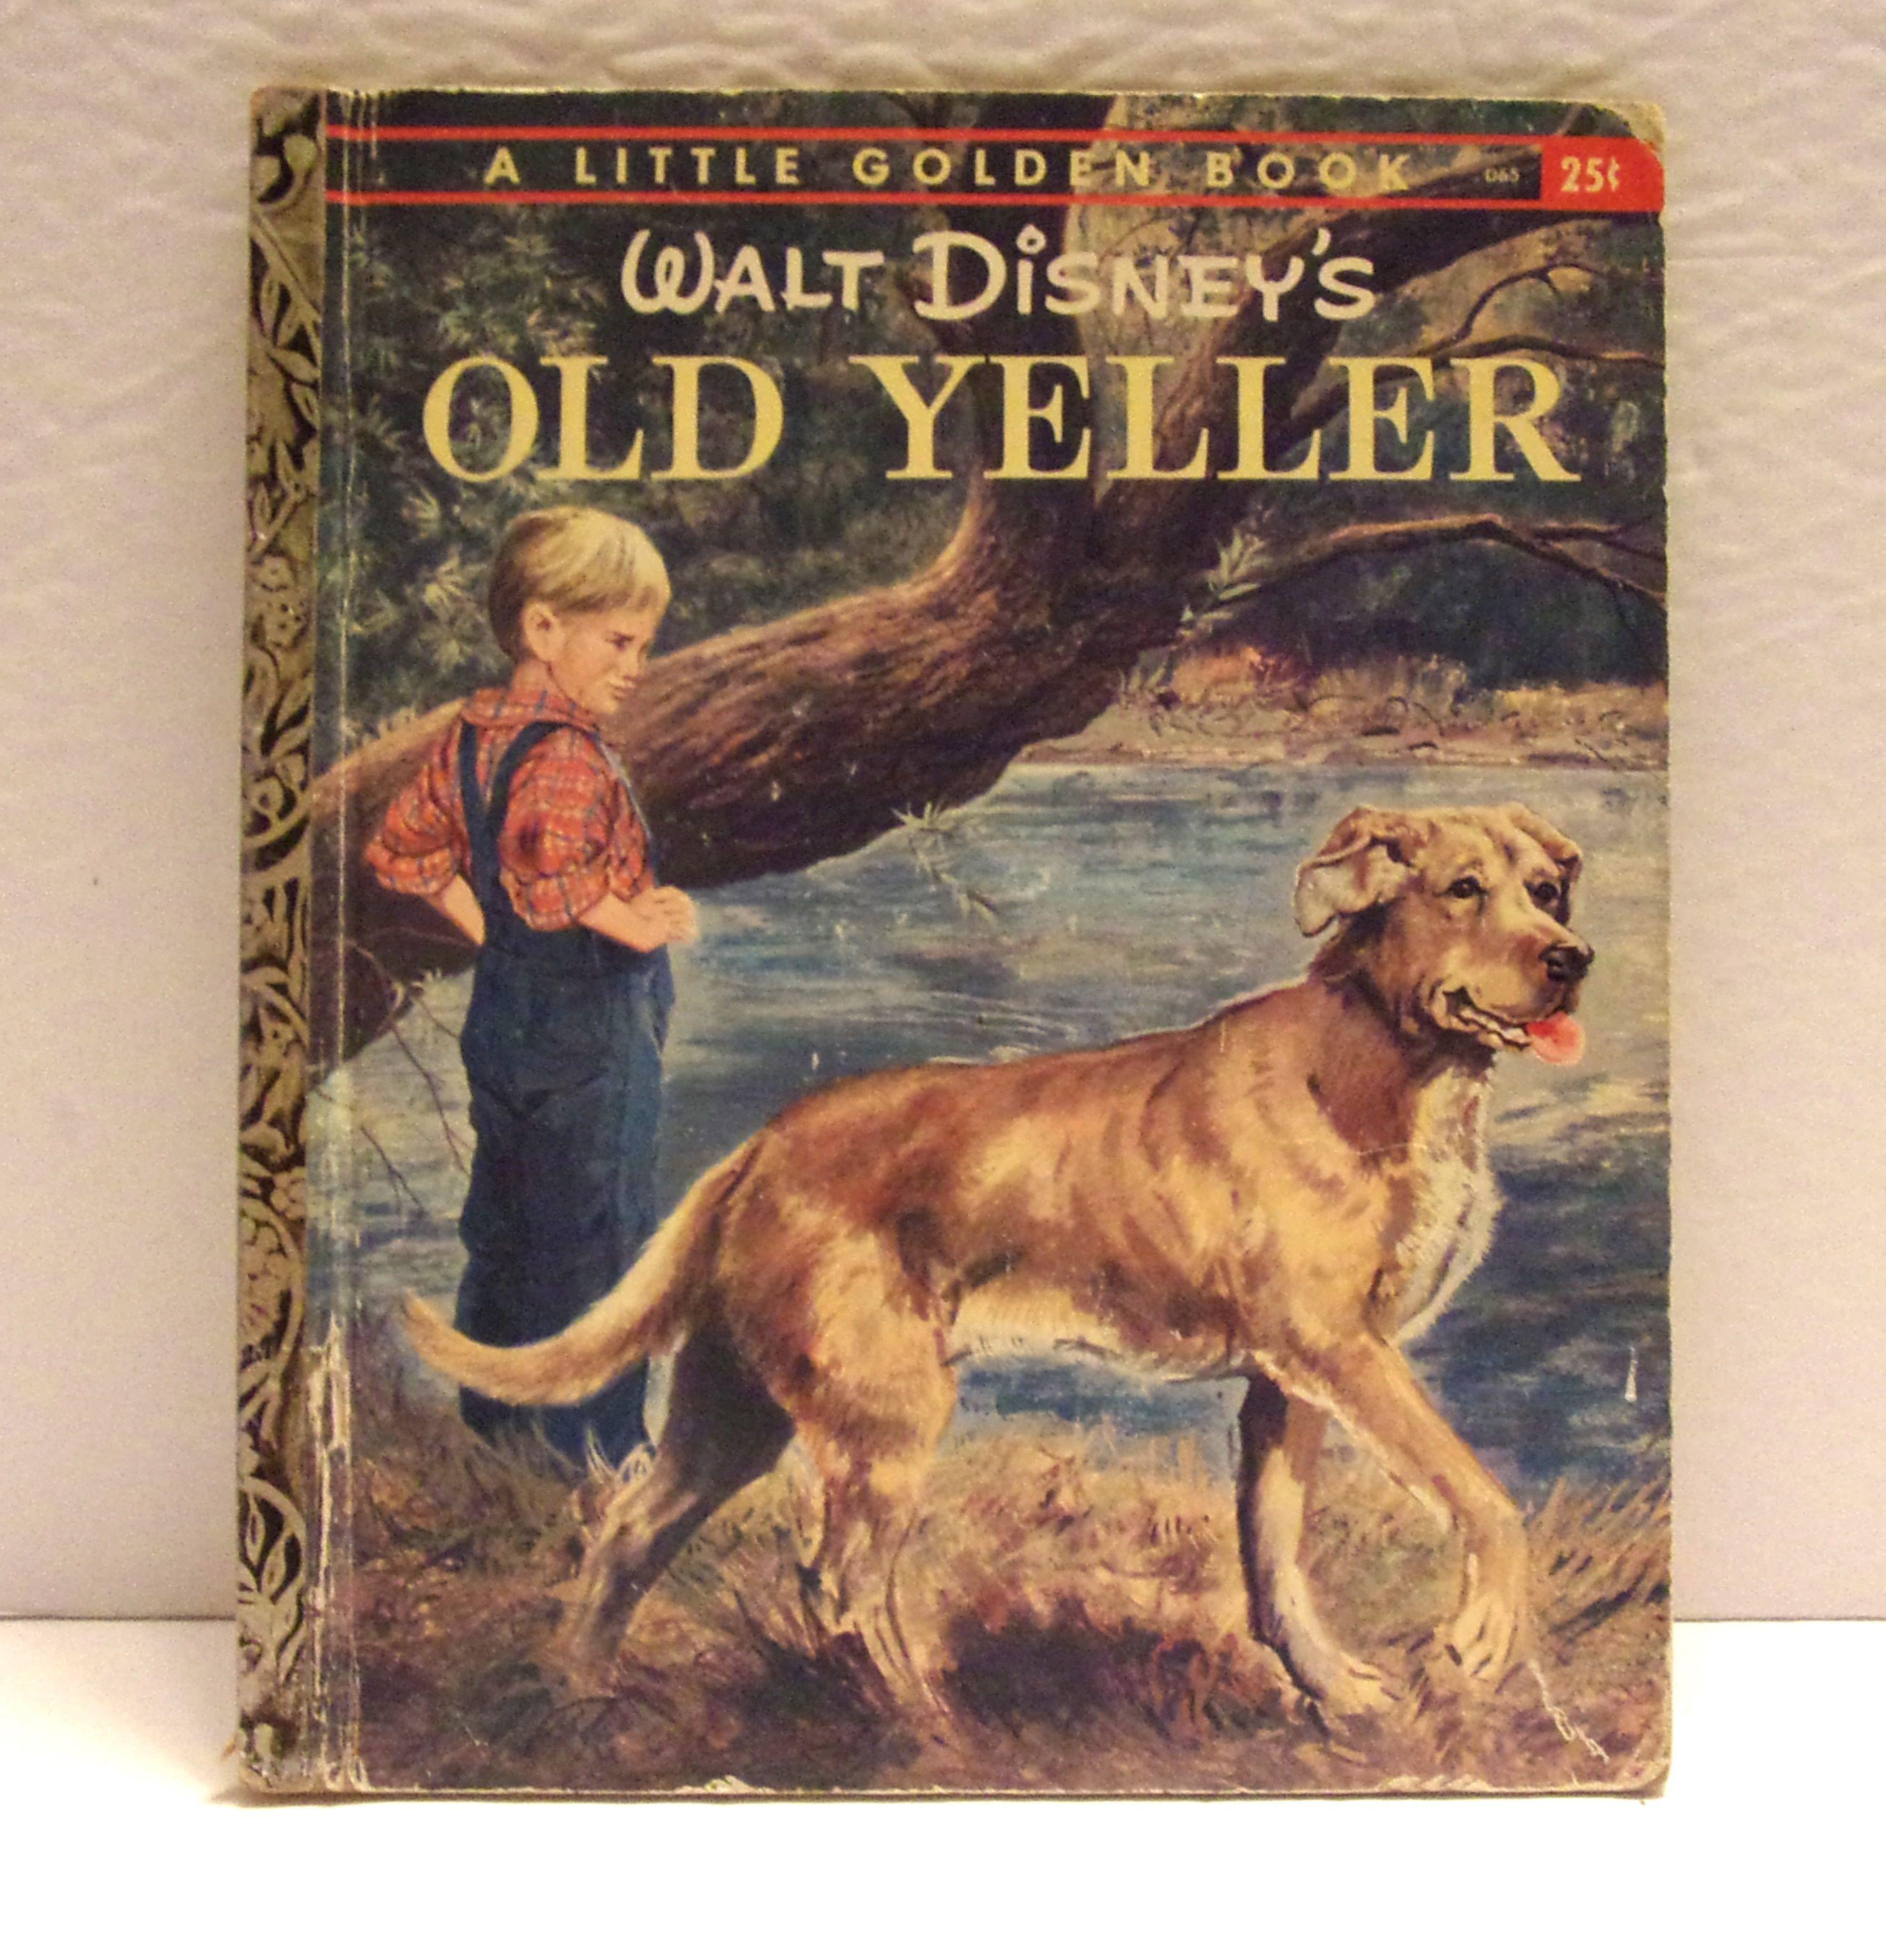 Little golden book vintage disneys old yeller